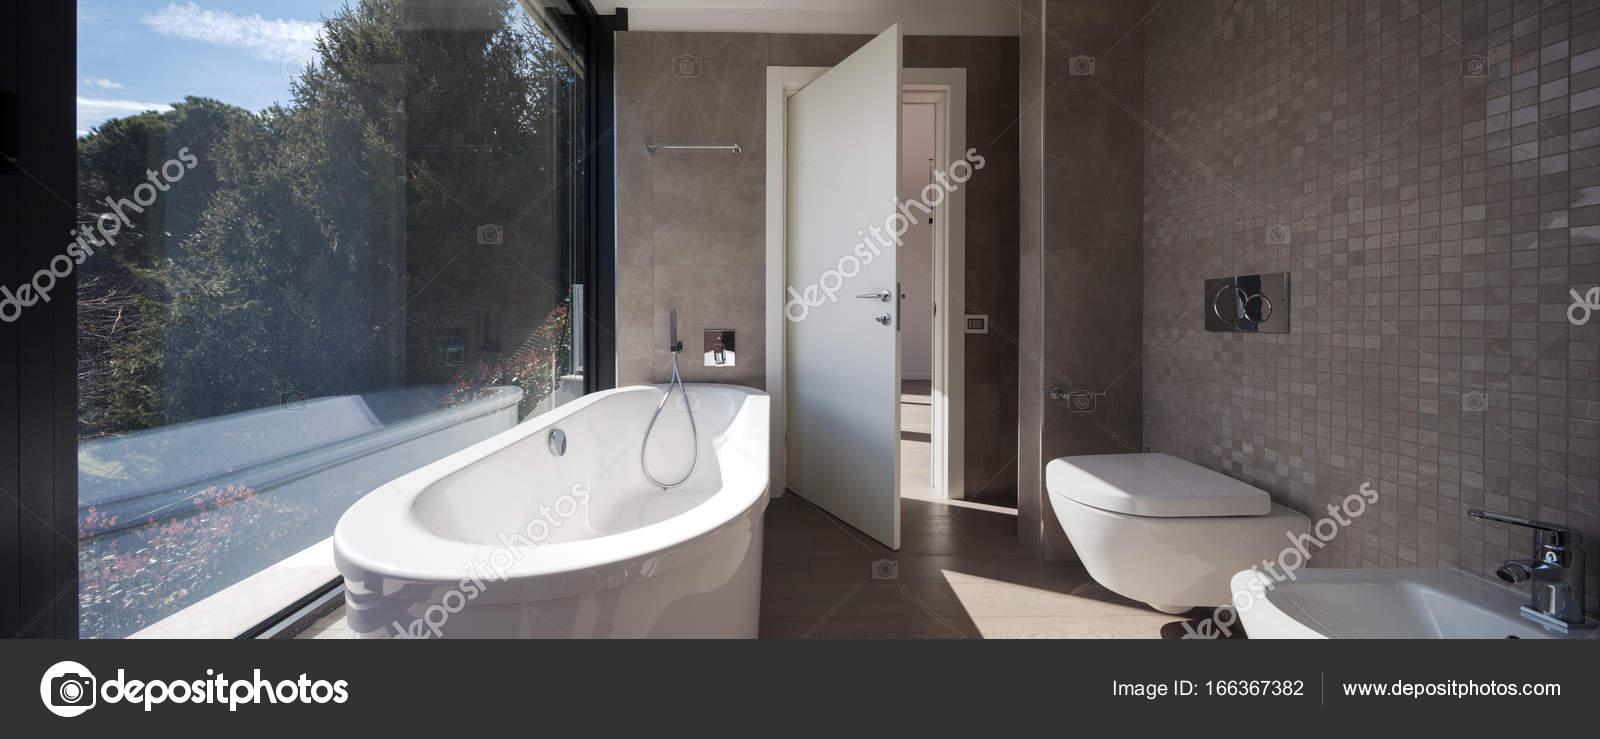 Nowoczesne łazienki W Domu Zdjęcie Stockowe Zveiger